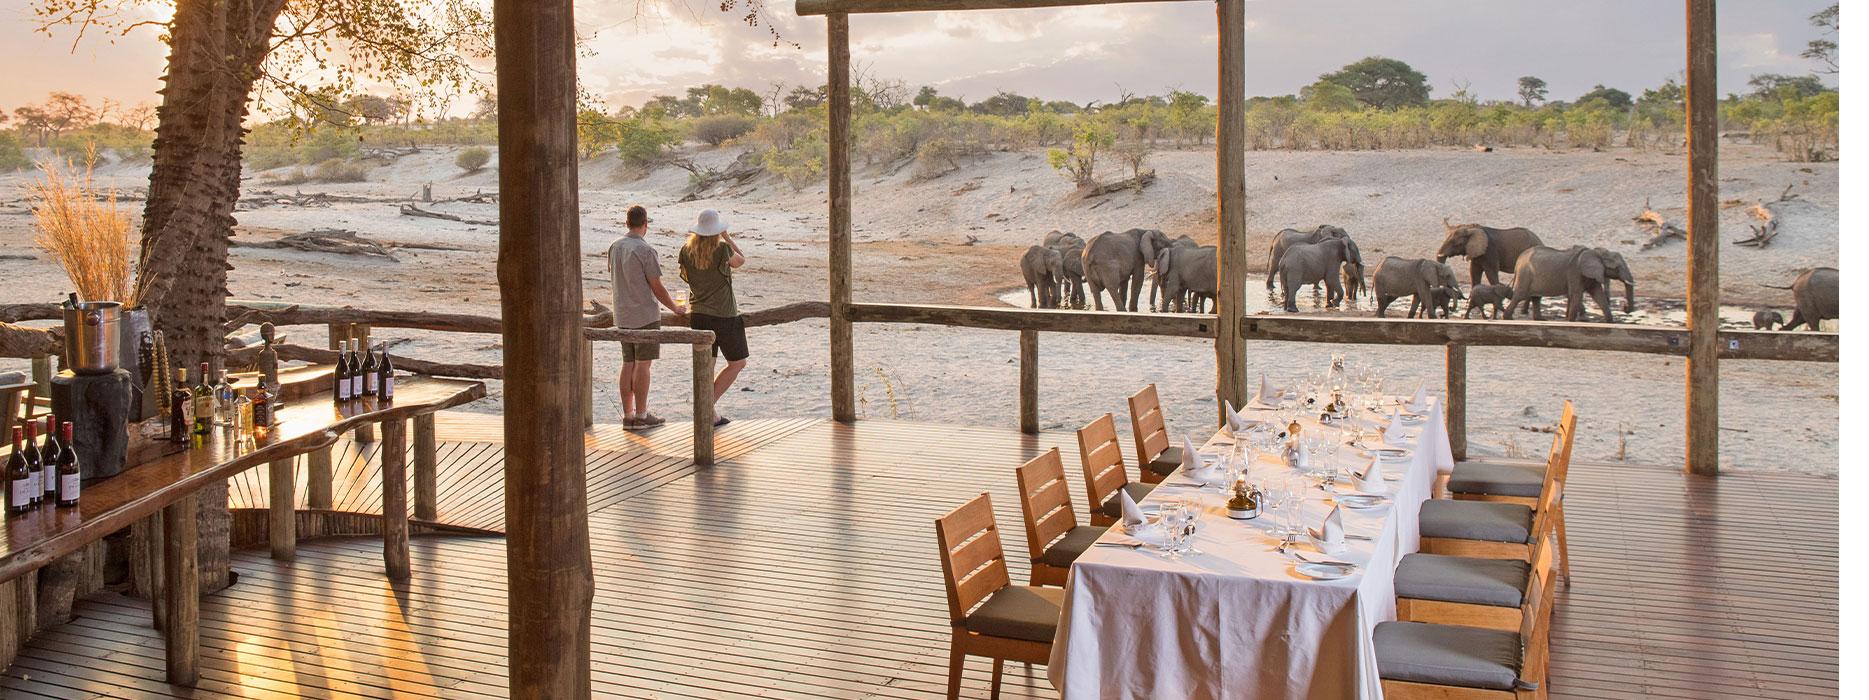 Safari Lodge Main Area